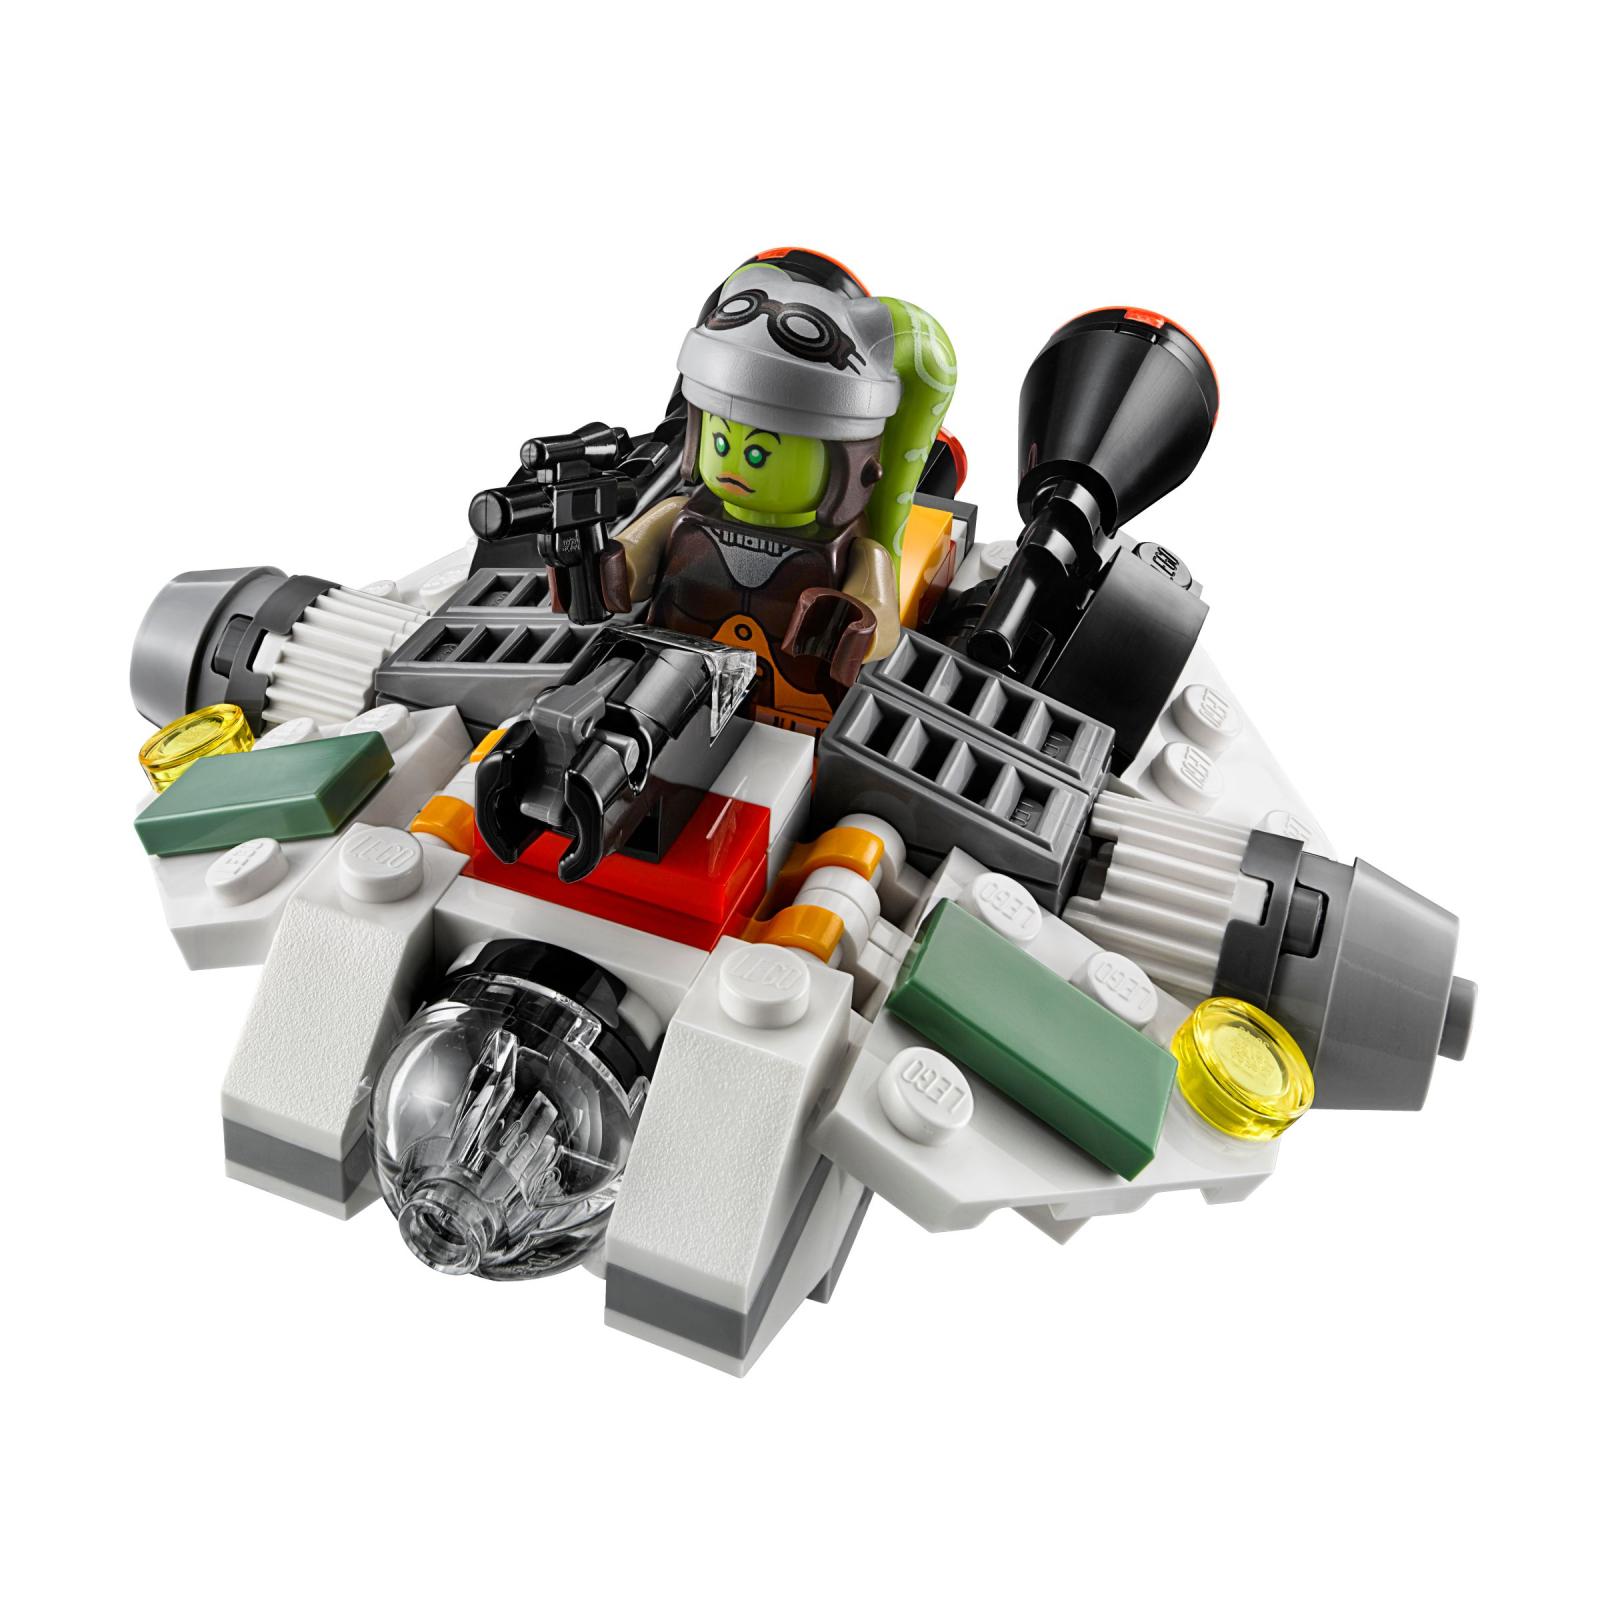 Конструктор LEGO Star Wars Призрак (75127) изображение 4